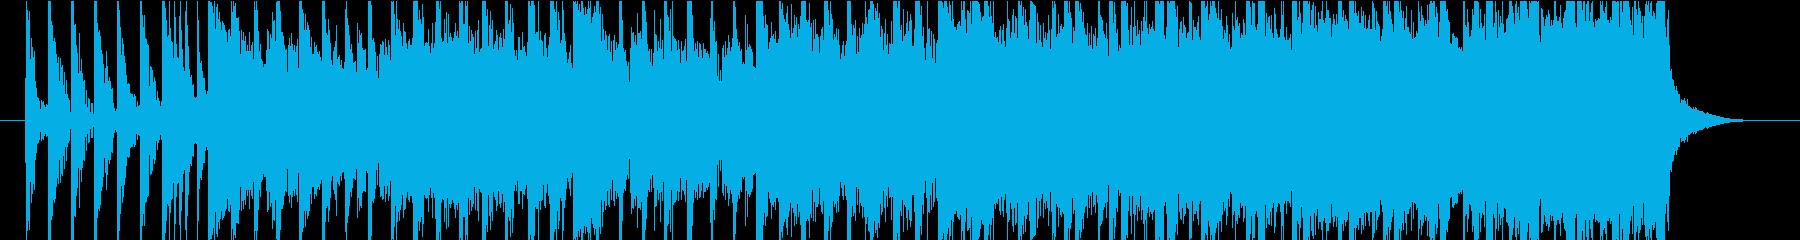 パワフルで疾走感のあるインディーロックの再生済みの波形